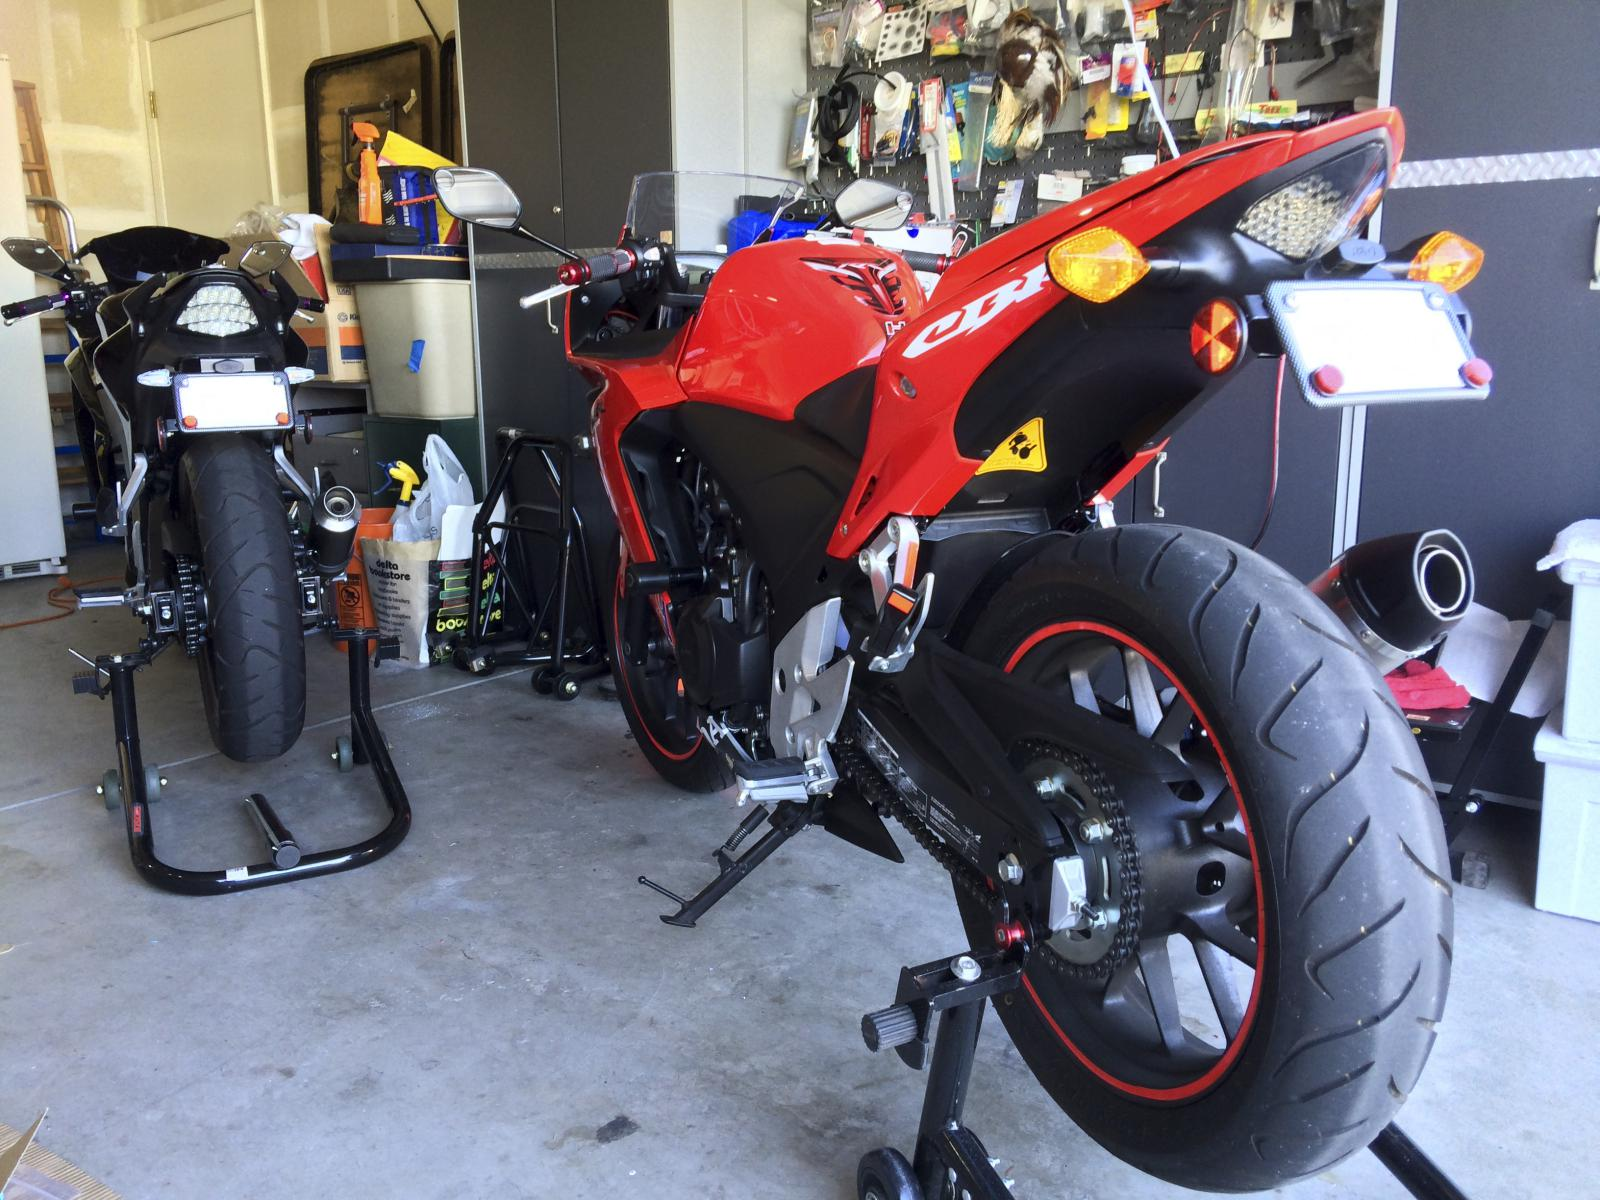 Red Honda Cbr500r Picture Thread Page 5 Honda Cbr500r